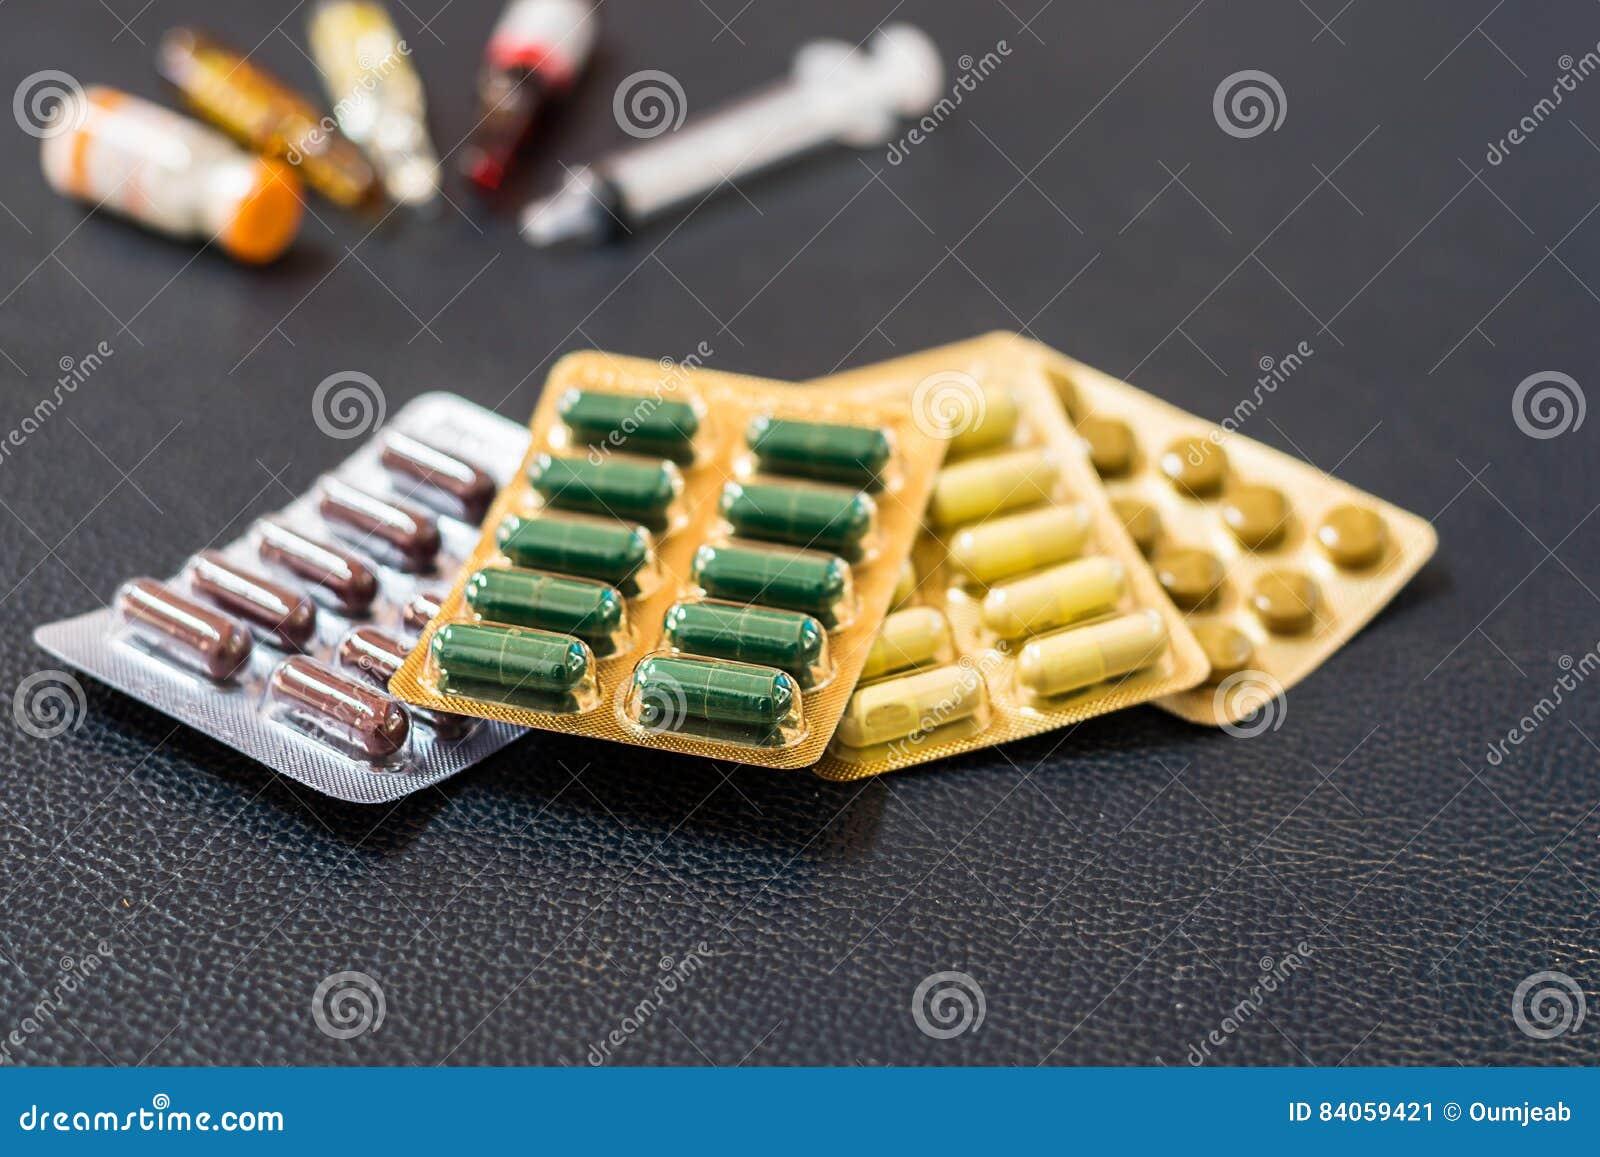 Medicinsk drog